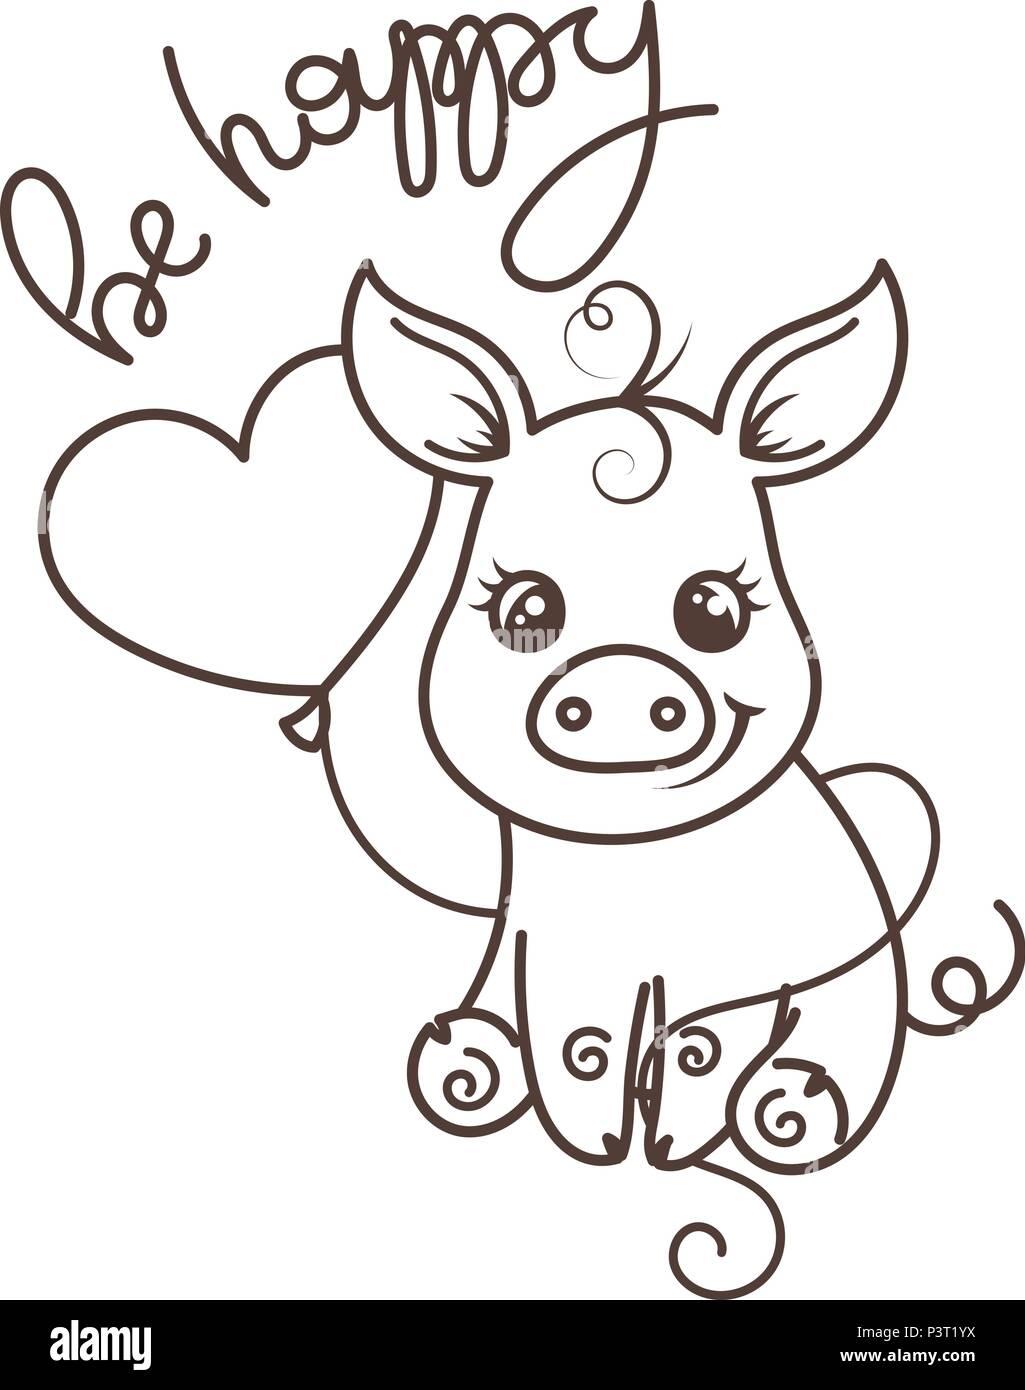 Coloriage Tete De Cochon.Cute Cartoon Bebe Cochon Illustration Vectorielle Coloriage